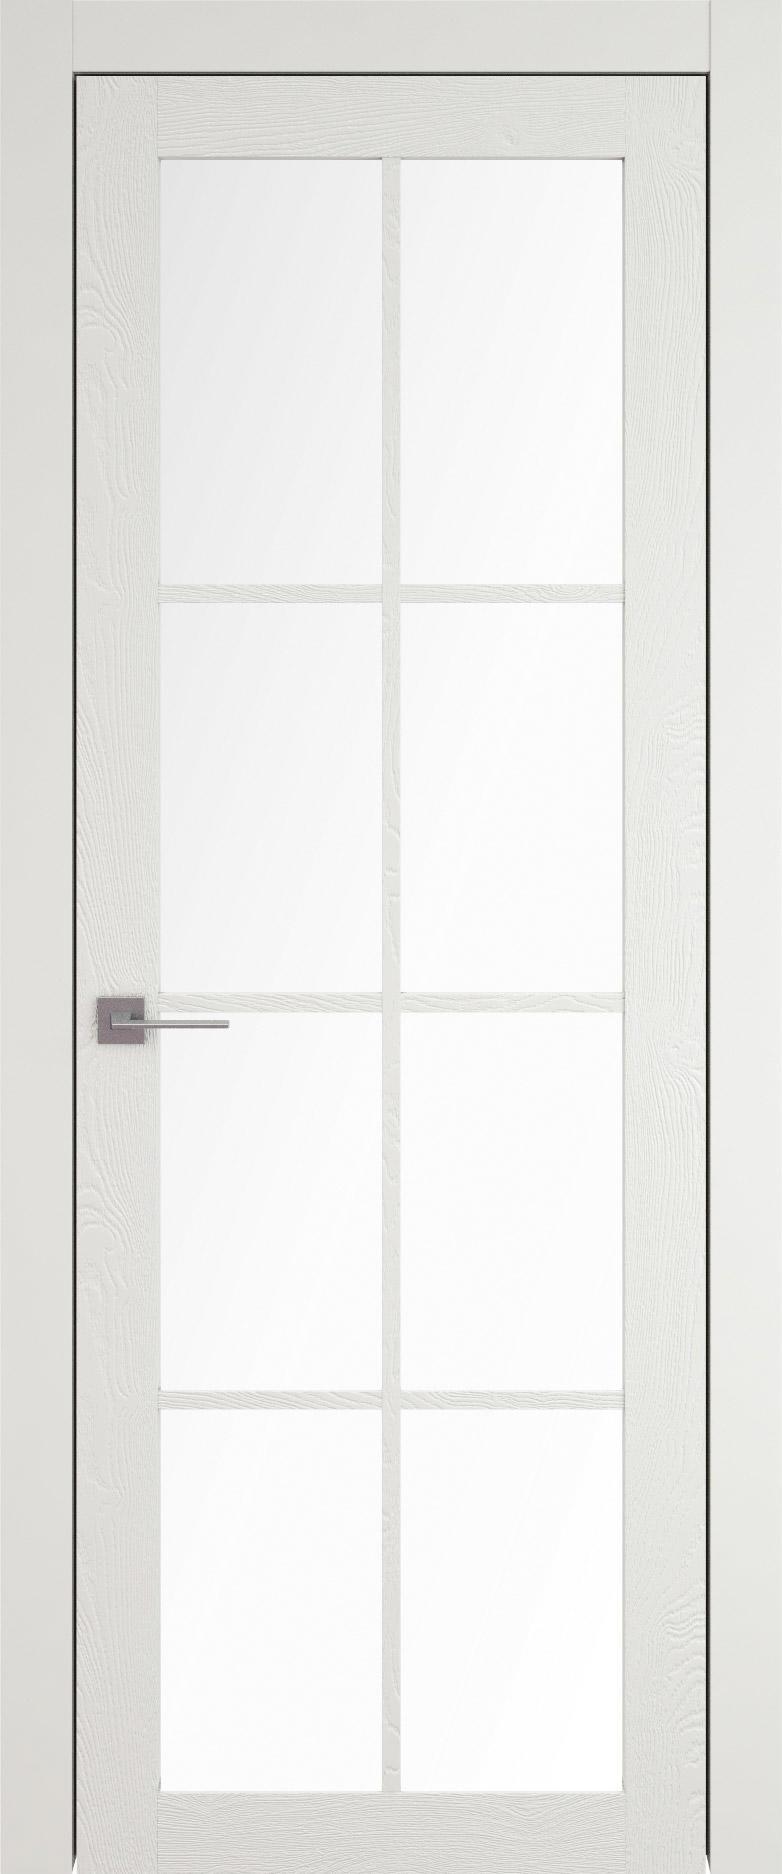 Tivoli З-5 цвет - Бежевая эмаль по шпону (RAL 9010) Со стеклом (ДО)